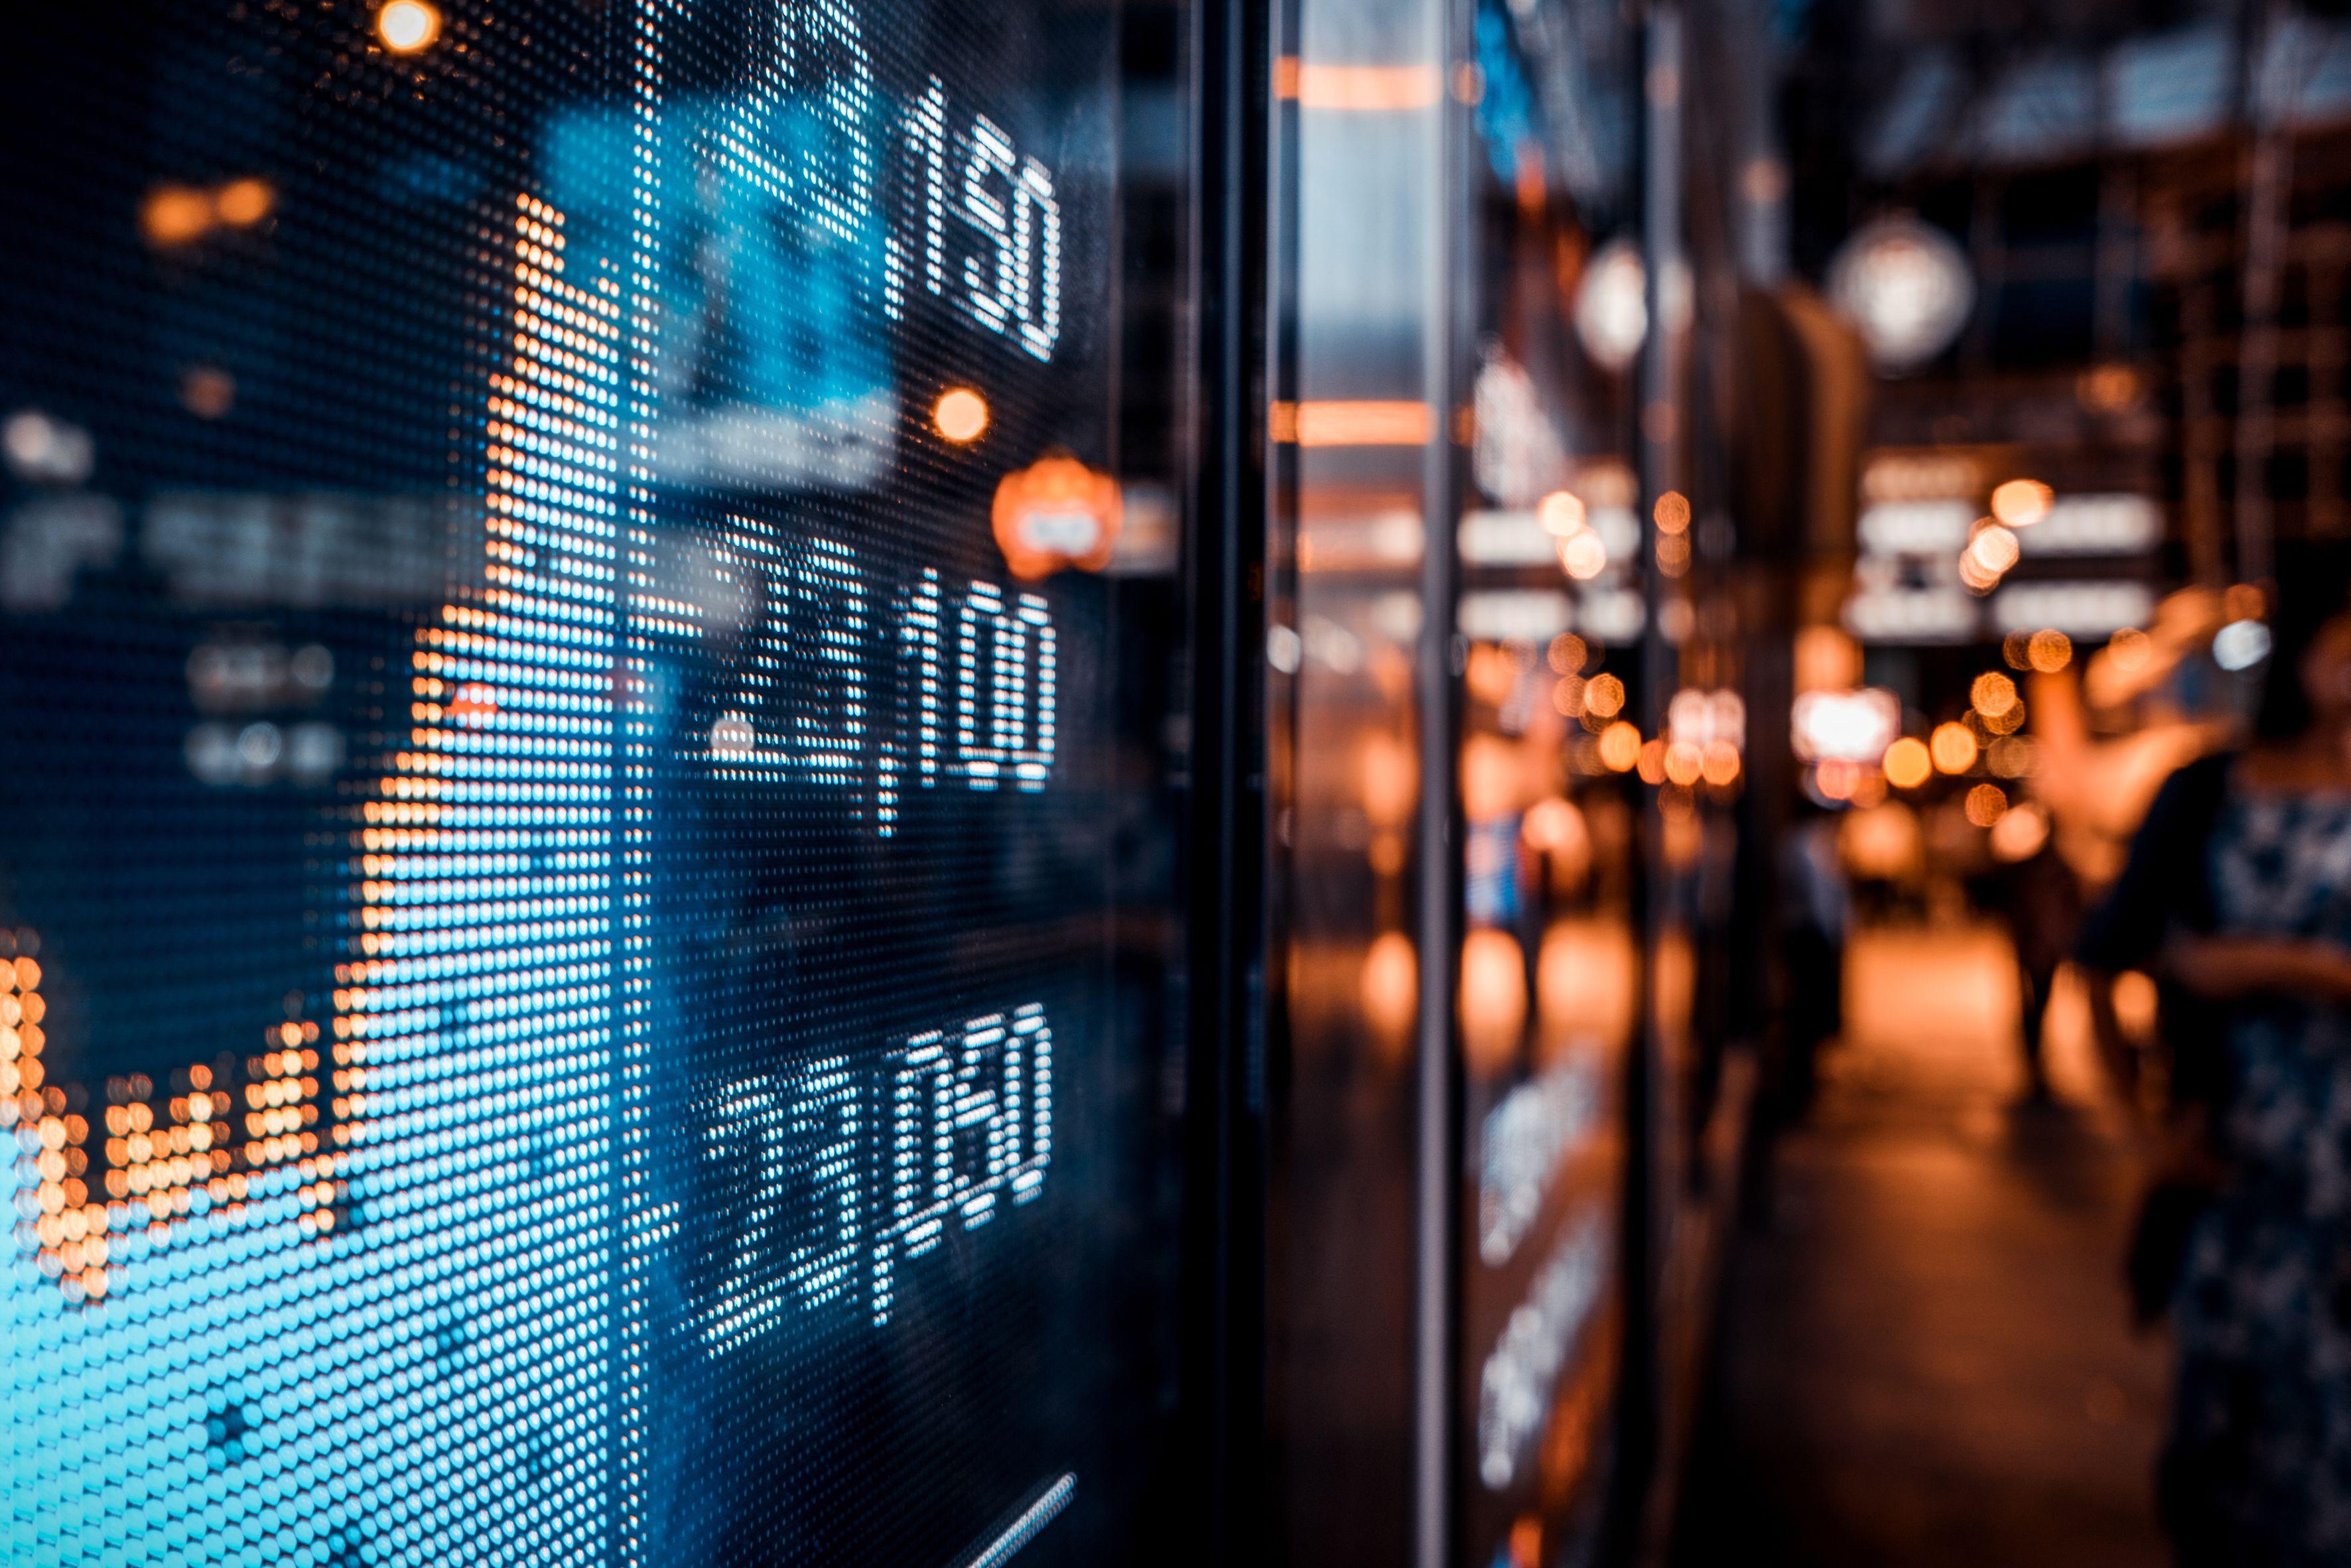 Rządy i banki centralne zadbają, by ceny akcji nie spadły, a koszty długu nie rosły – dodaje szef Excelsior Capital Piotr Dubno (fot. Shutterstock)